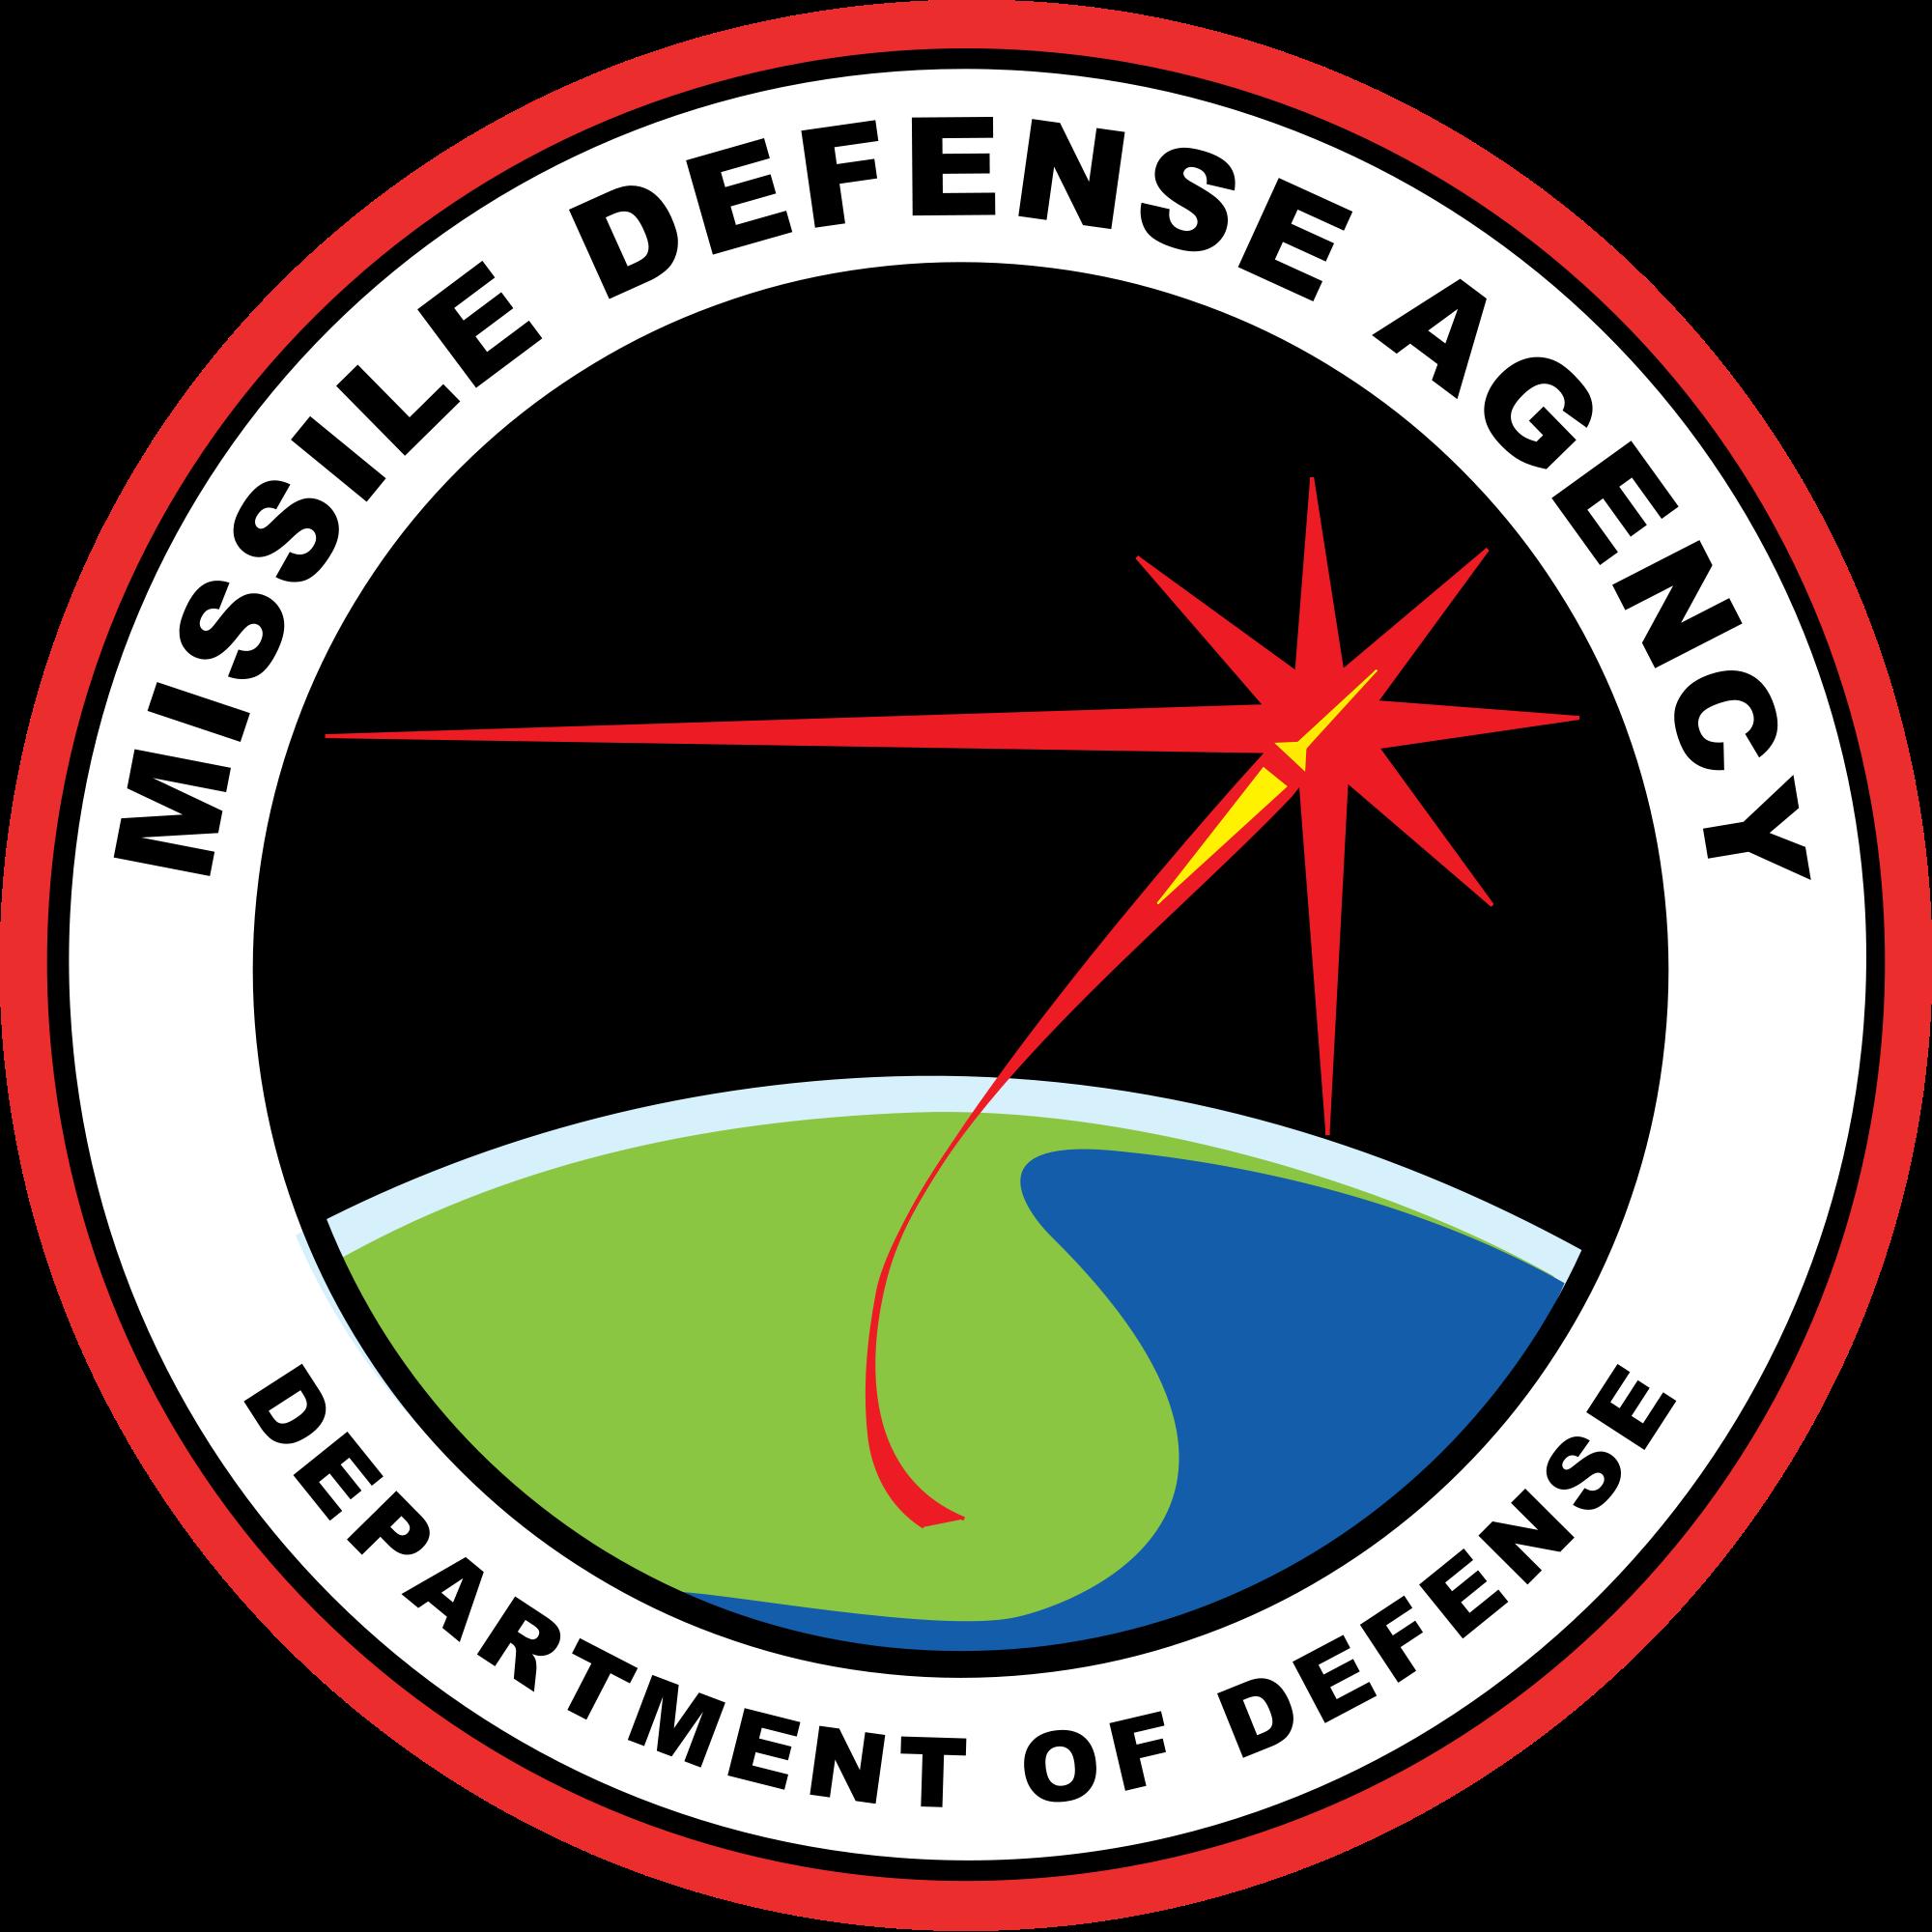 missile defense logo high resolution.png